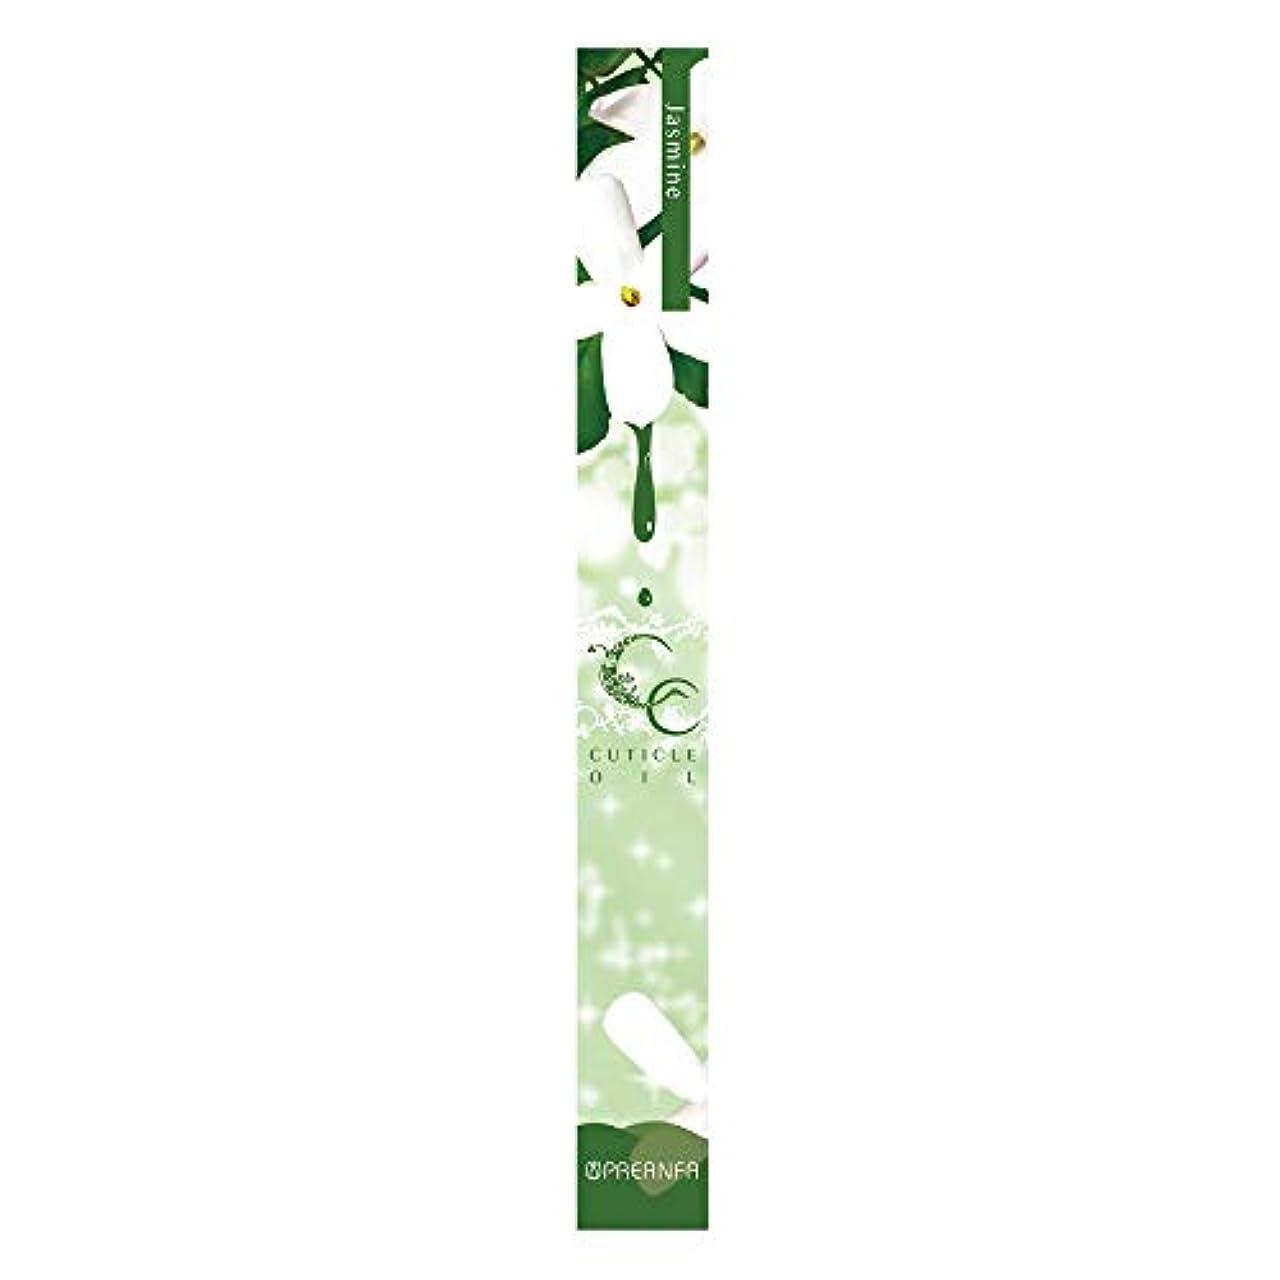 破産容疑者村プリジェル 甘皮ケア CCキューティクルオイル ジャスミン 4.5g  保湿オイル ペンタイプ